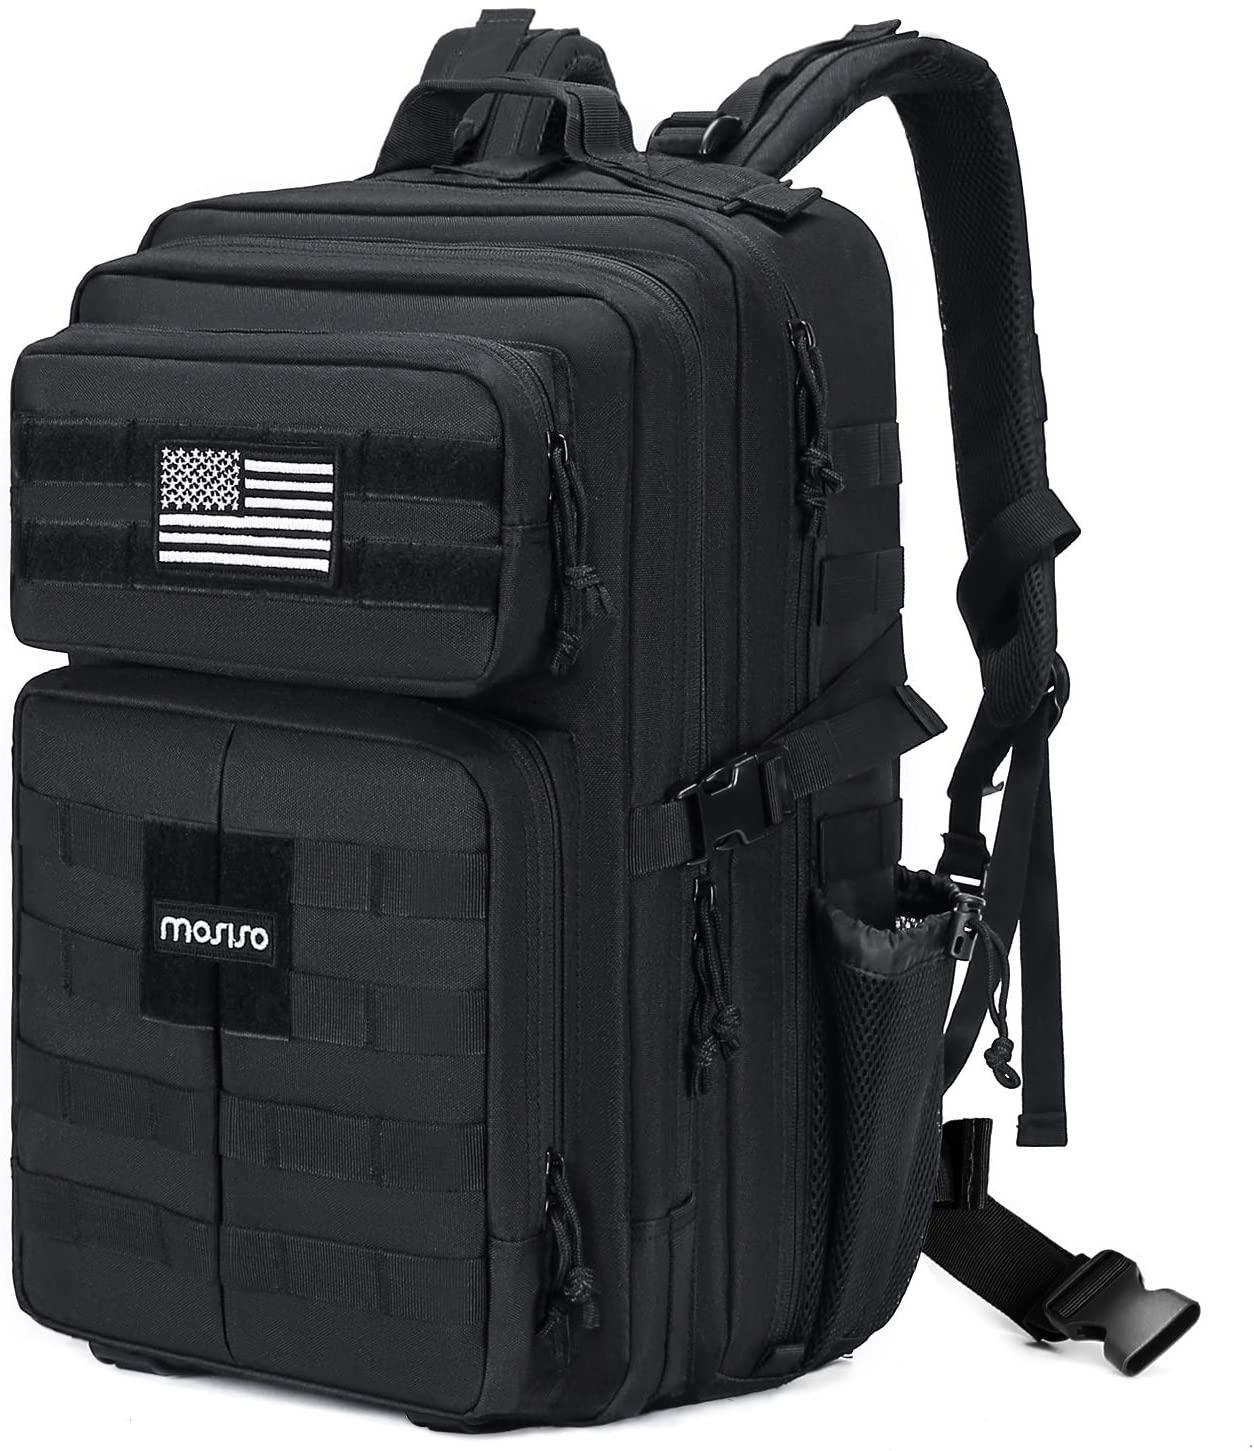 MOSISO Tactical Backpack, 30L 2-Layer Molle Rucksack Daypack Shoulder Bag